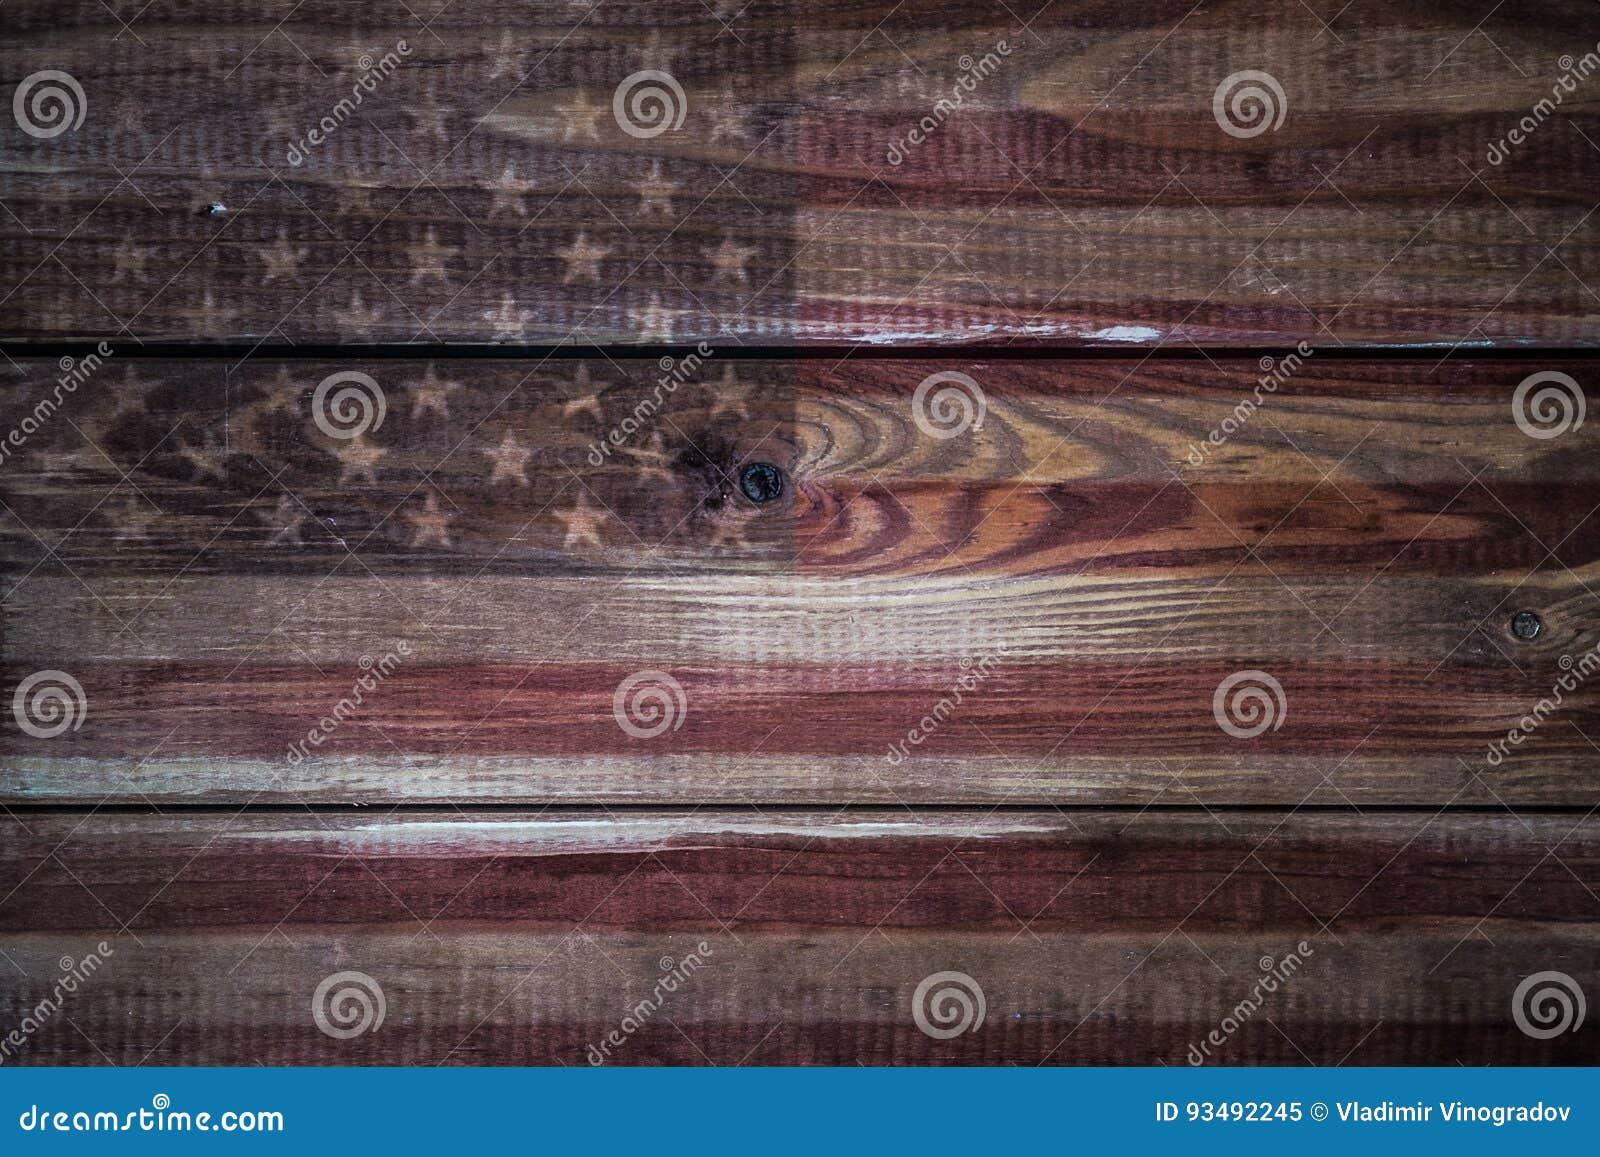 Bandera americana del vintage pintada en un fondo de madera rústico envejecido, resistido